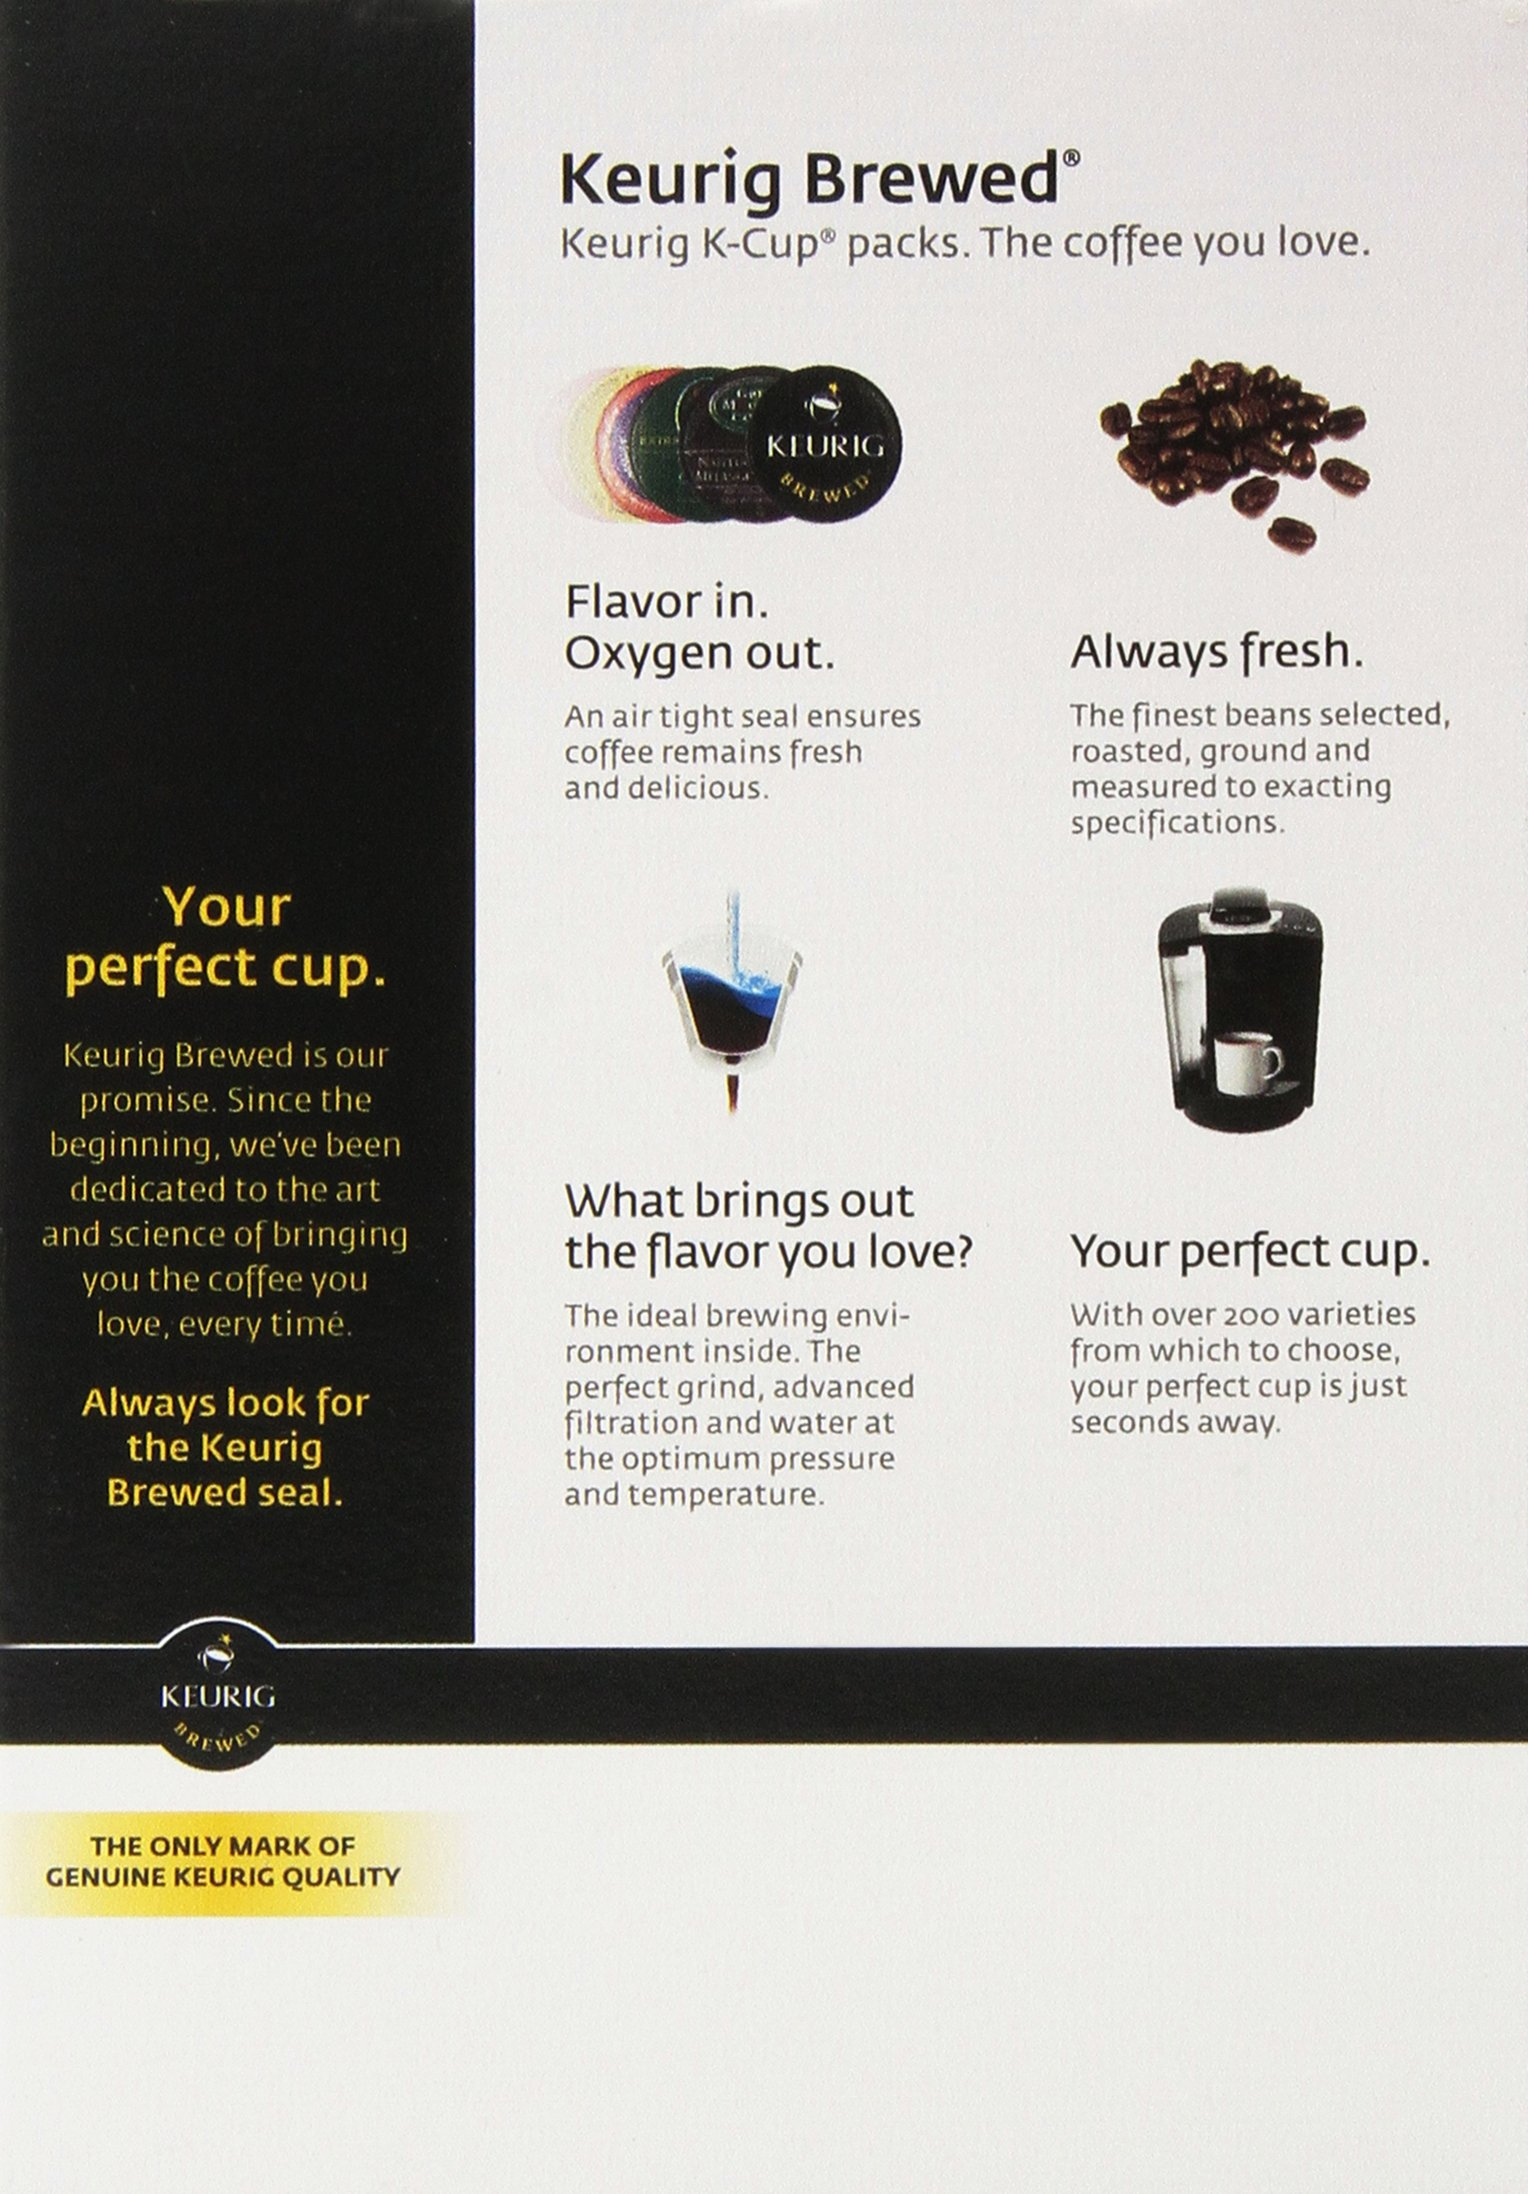 Gloria Jean's Medium Roast K-Cup for Keurig Brewers, Mudslide Coffee 24 count (Pack of 4)